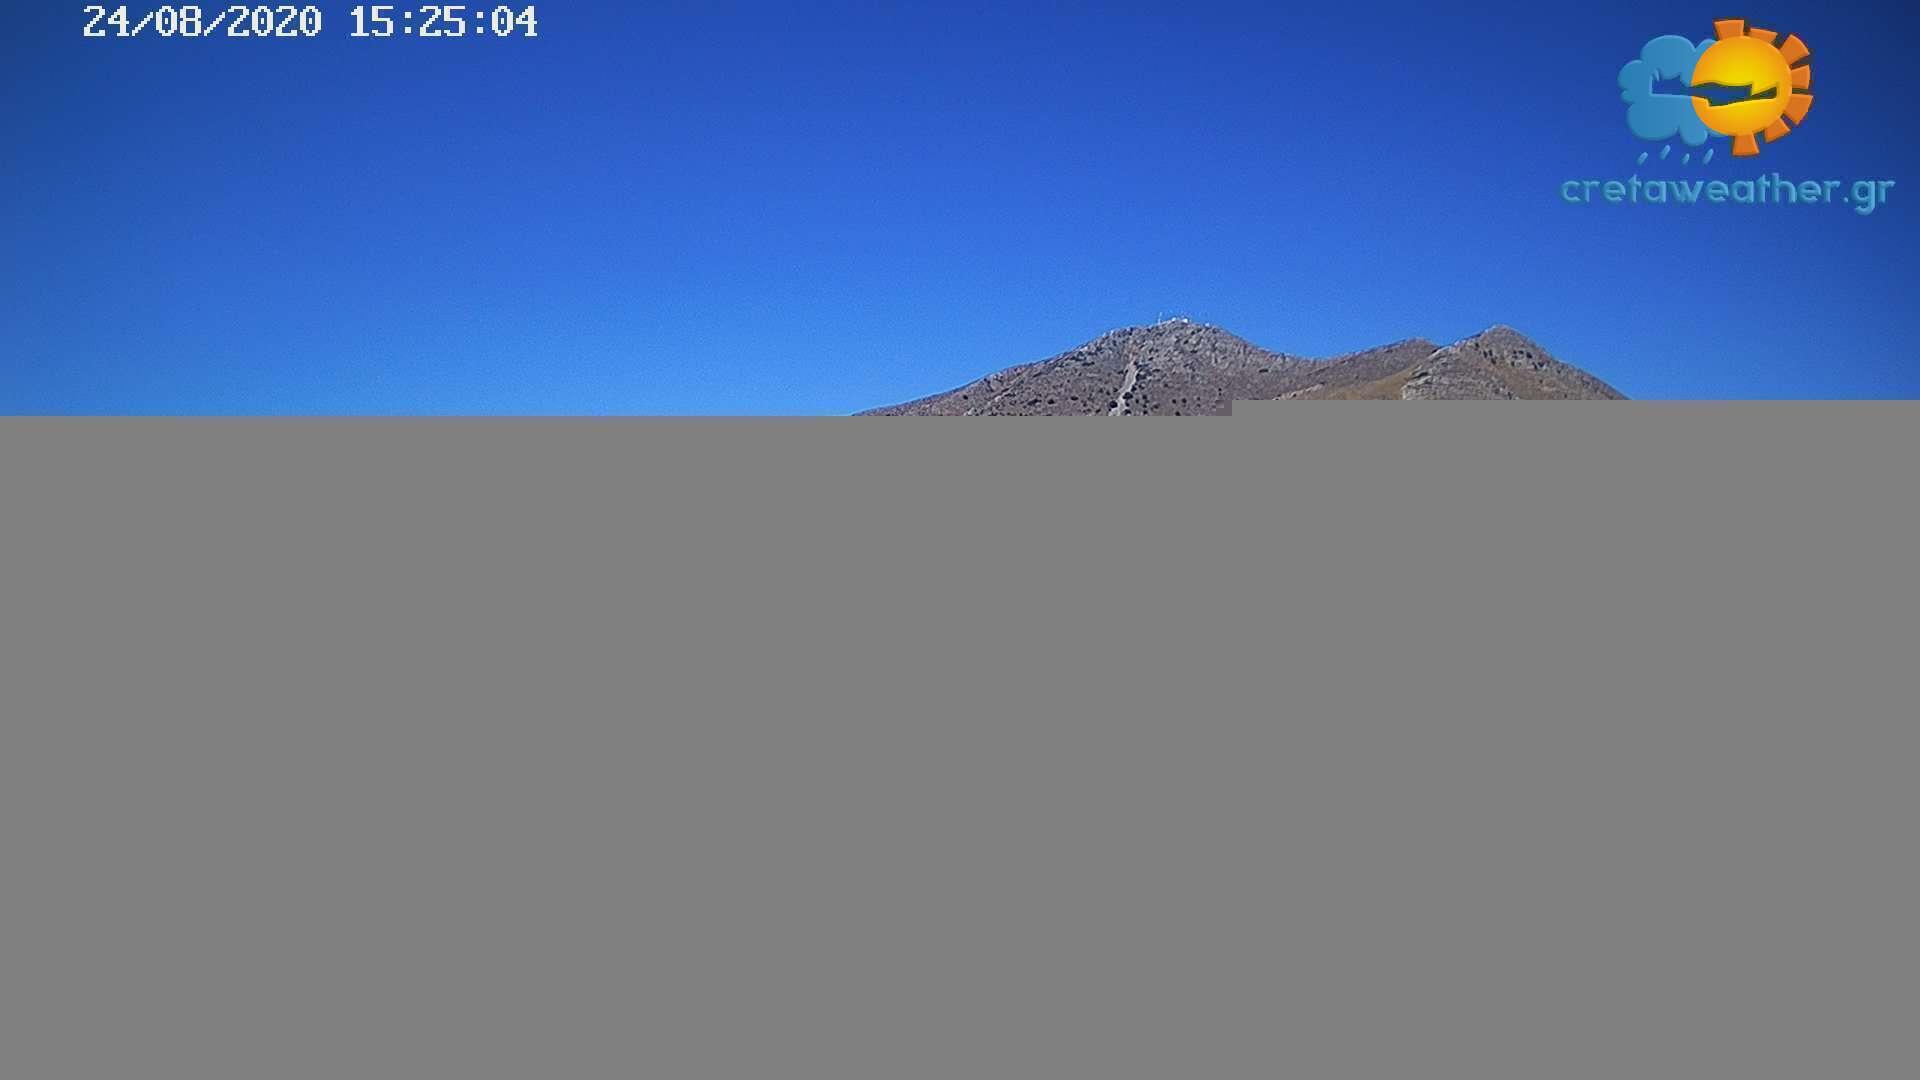 Webcam Ιεράπετρα 2